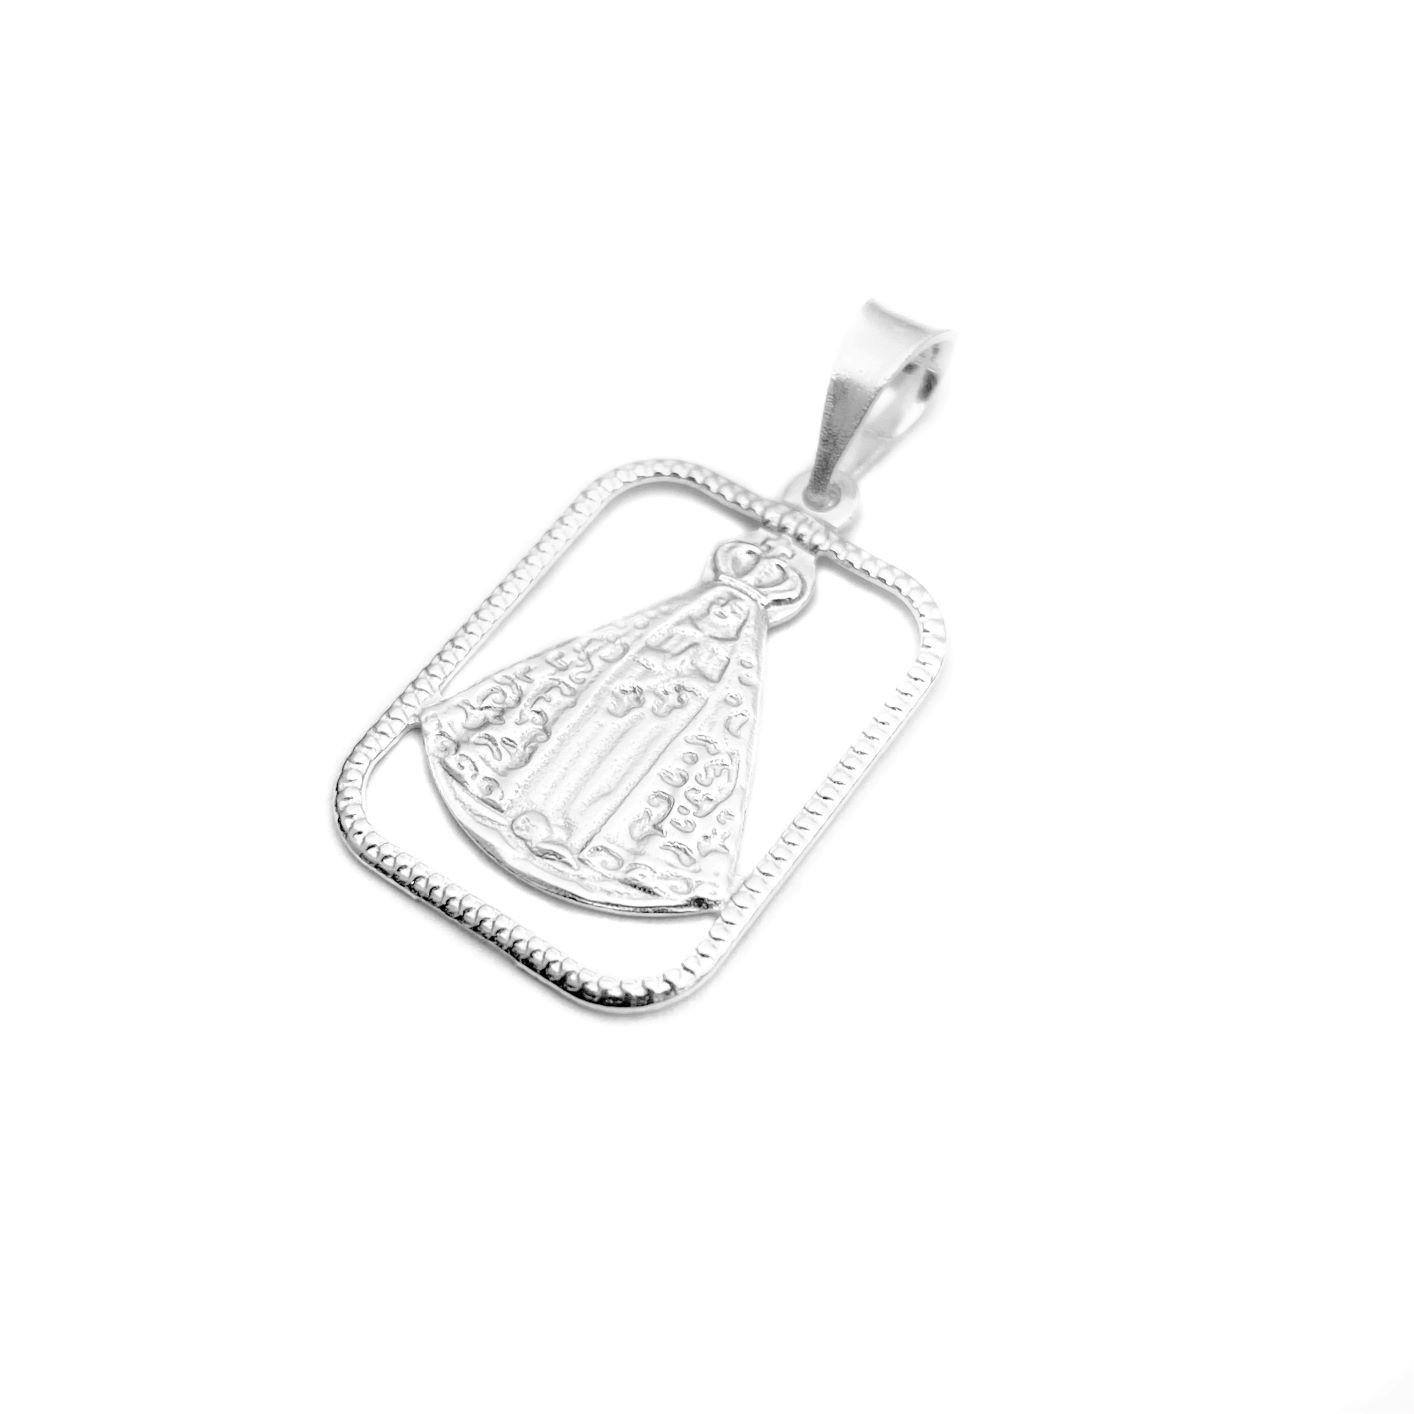 Pingente Placa Vazada Nossa Senhora 2,2cm x 1,7cm (Prata 925 Italiana)